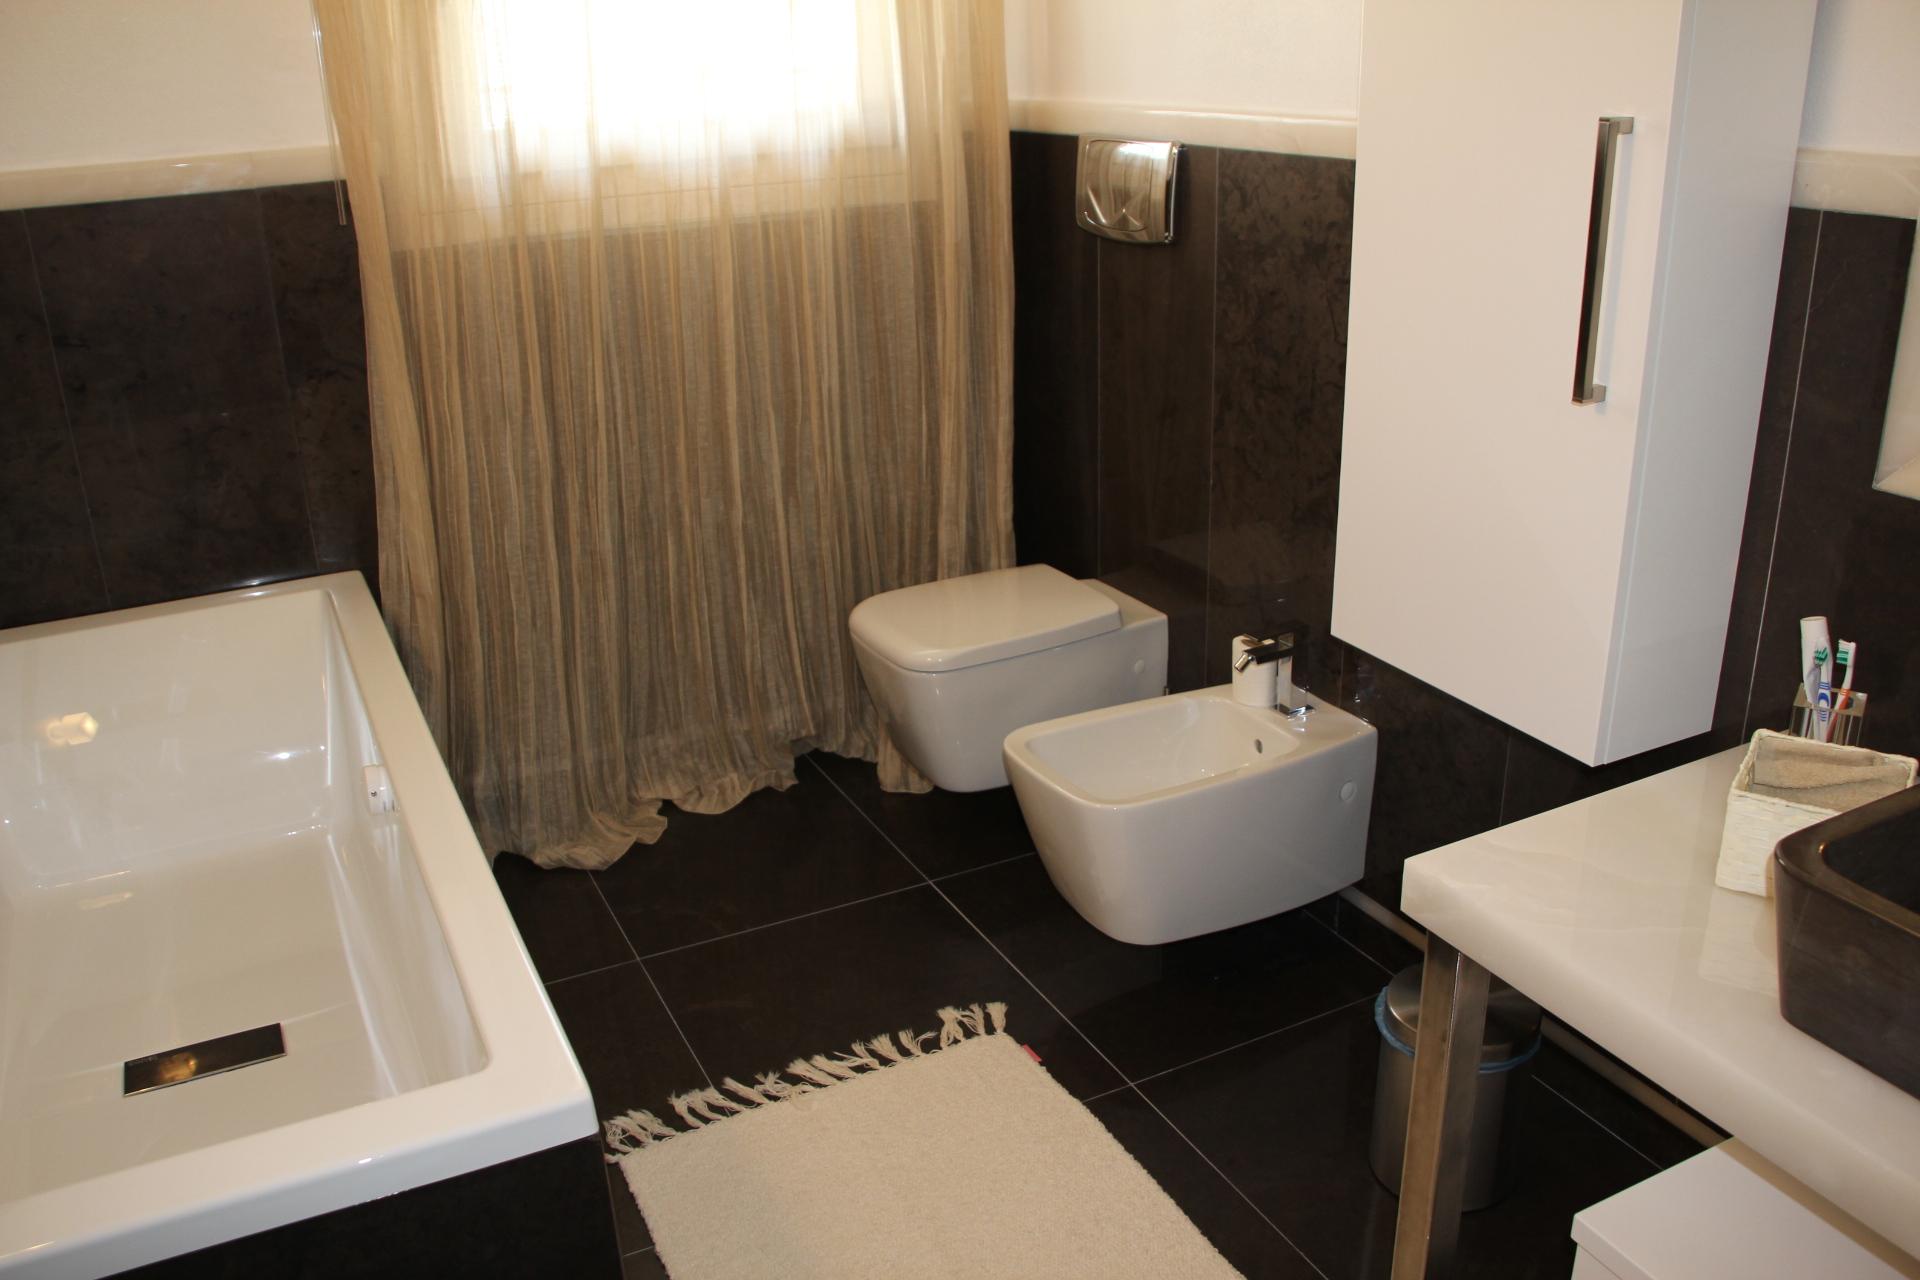 immagini di meravigliosi bagni venduti dalla zem enrico marmi ... - Bagni Moderni Di Lusso